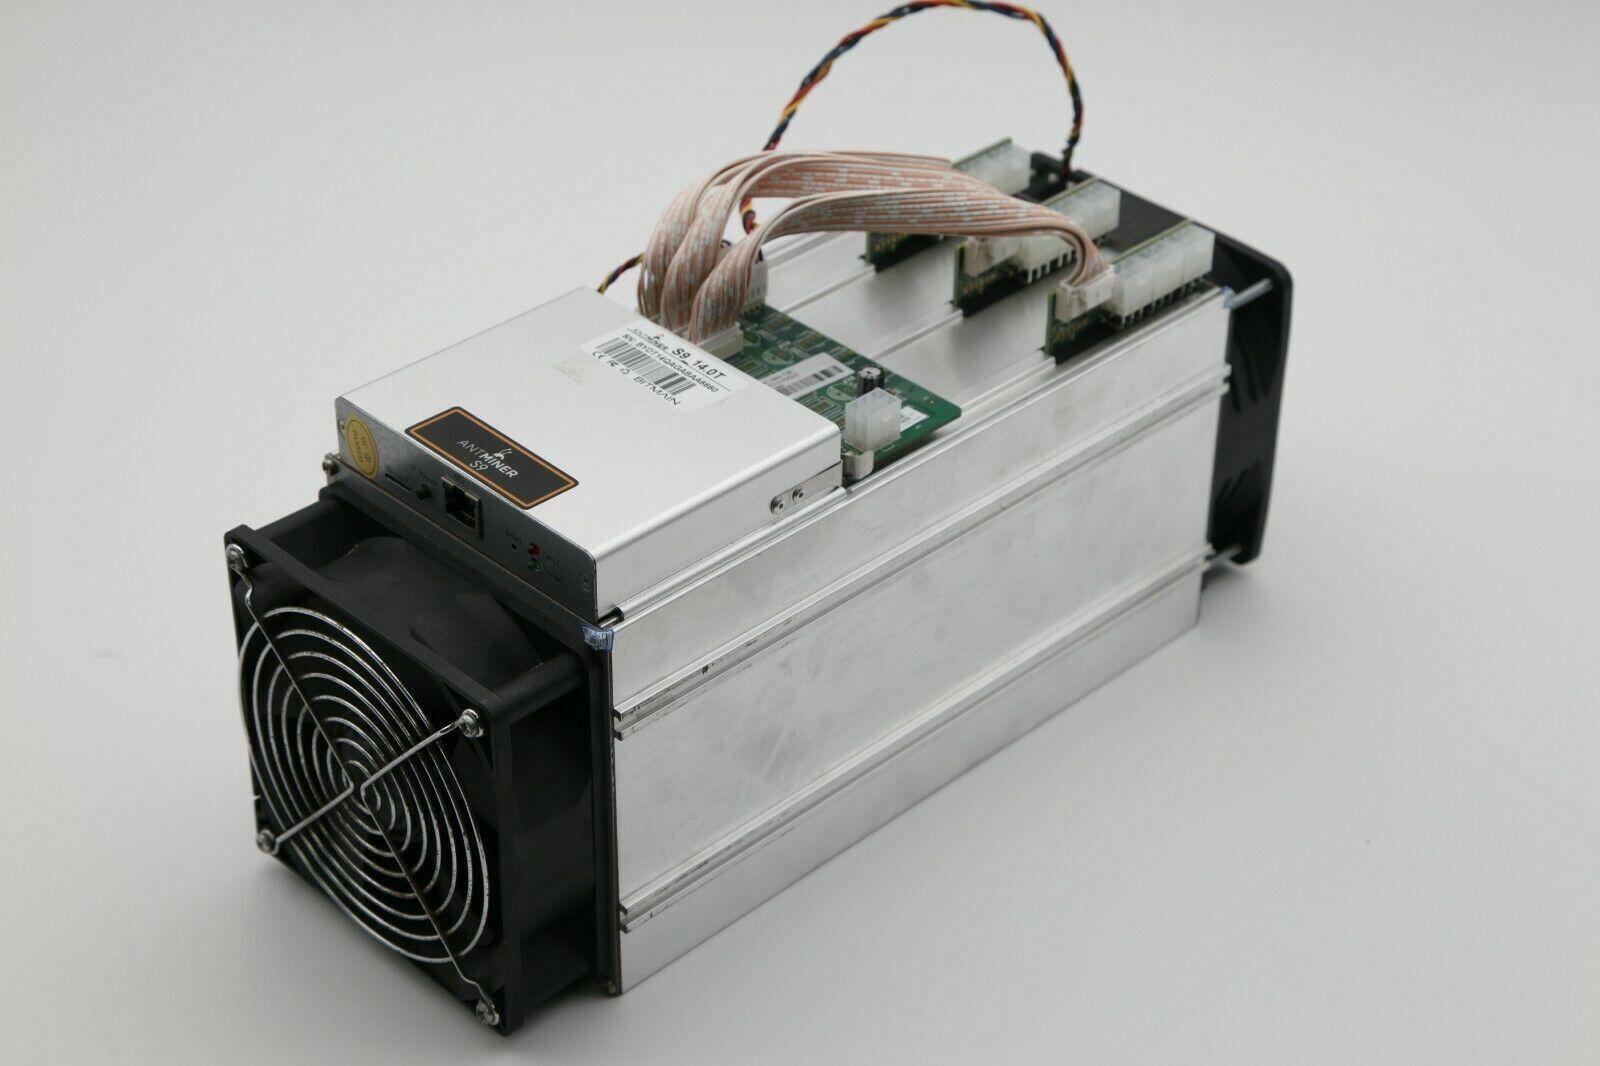 Bitmain Antminer S9i Bitcoin Miner 14.5 TH/s 1